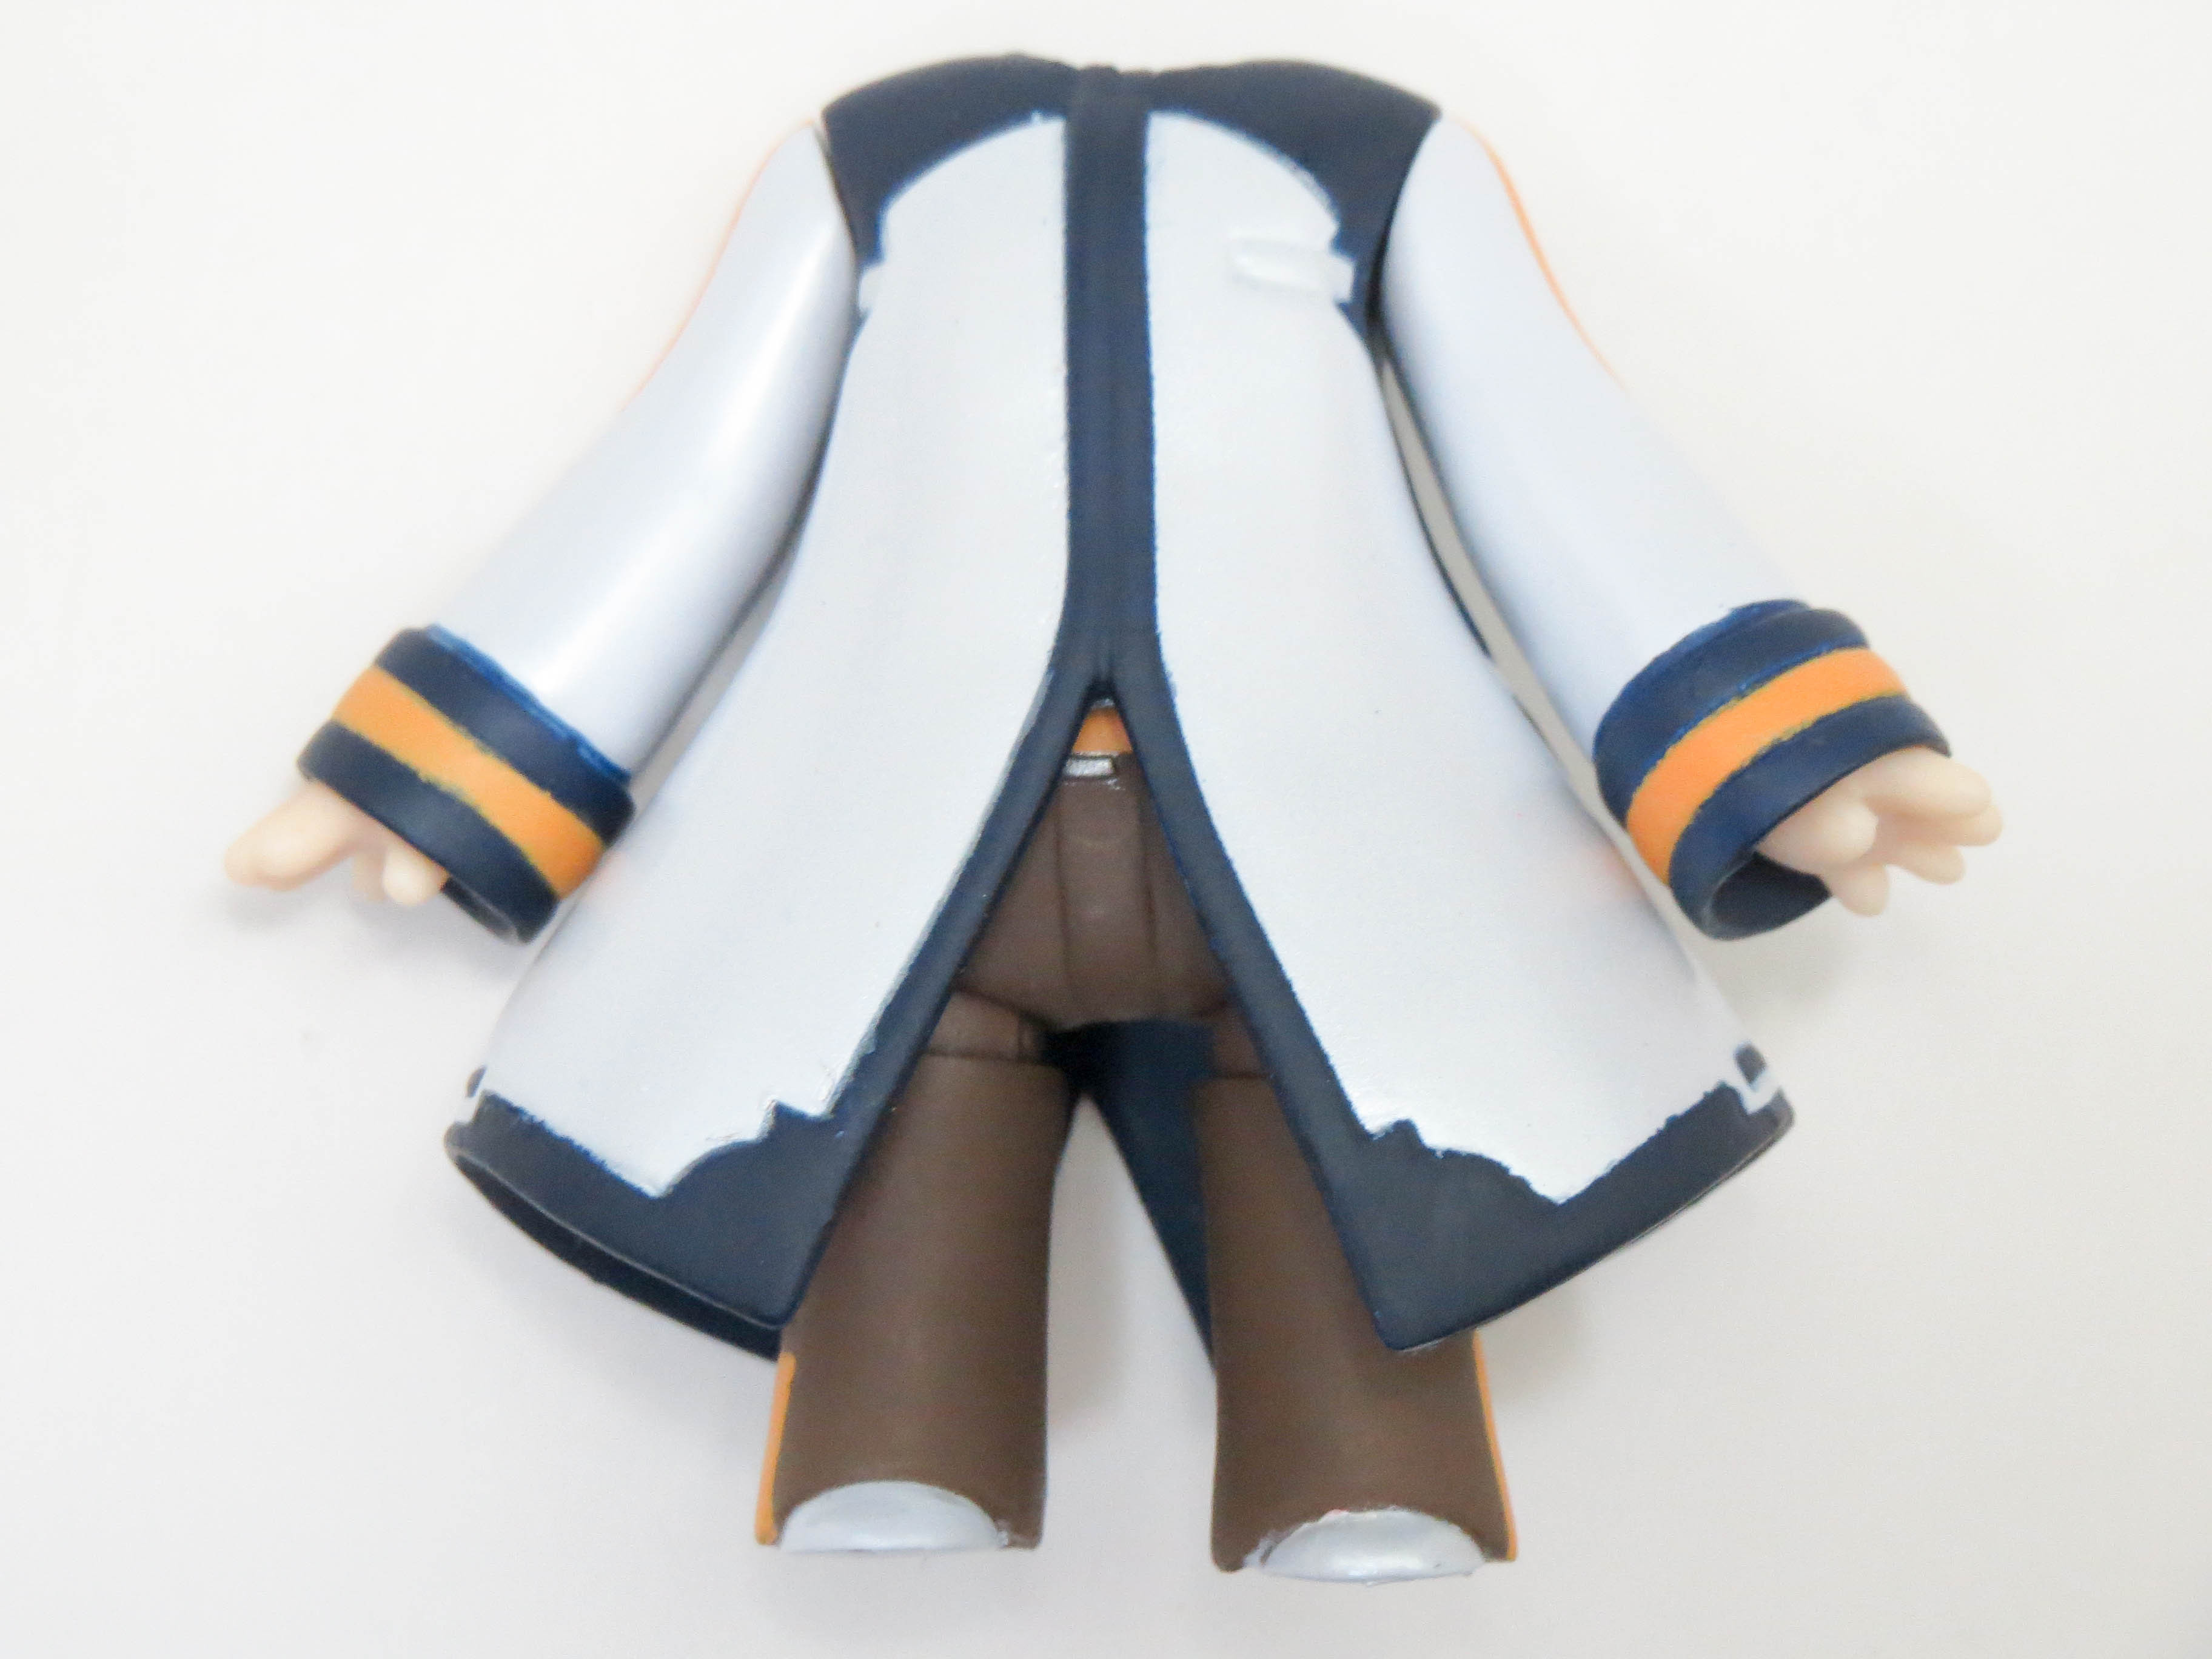 再入荷【202】 KAITO 応援Ver. 体パーツ KAITOの服 ねんどろいど